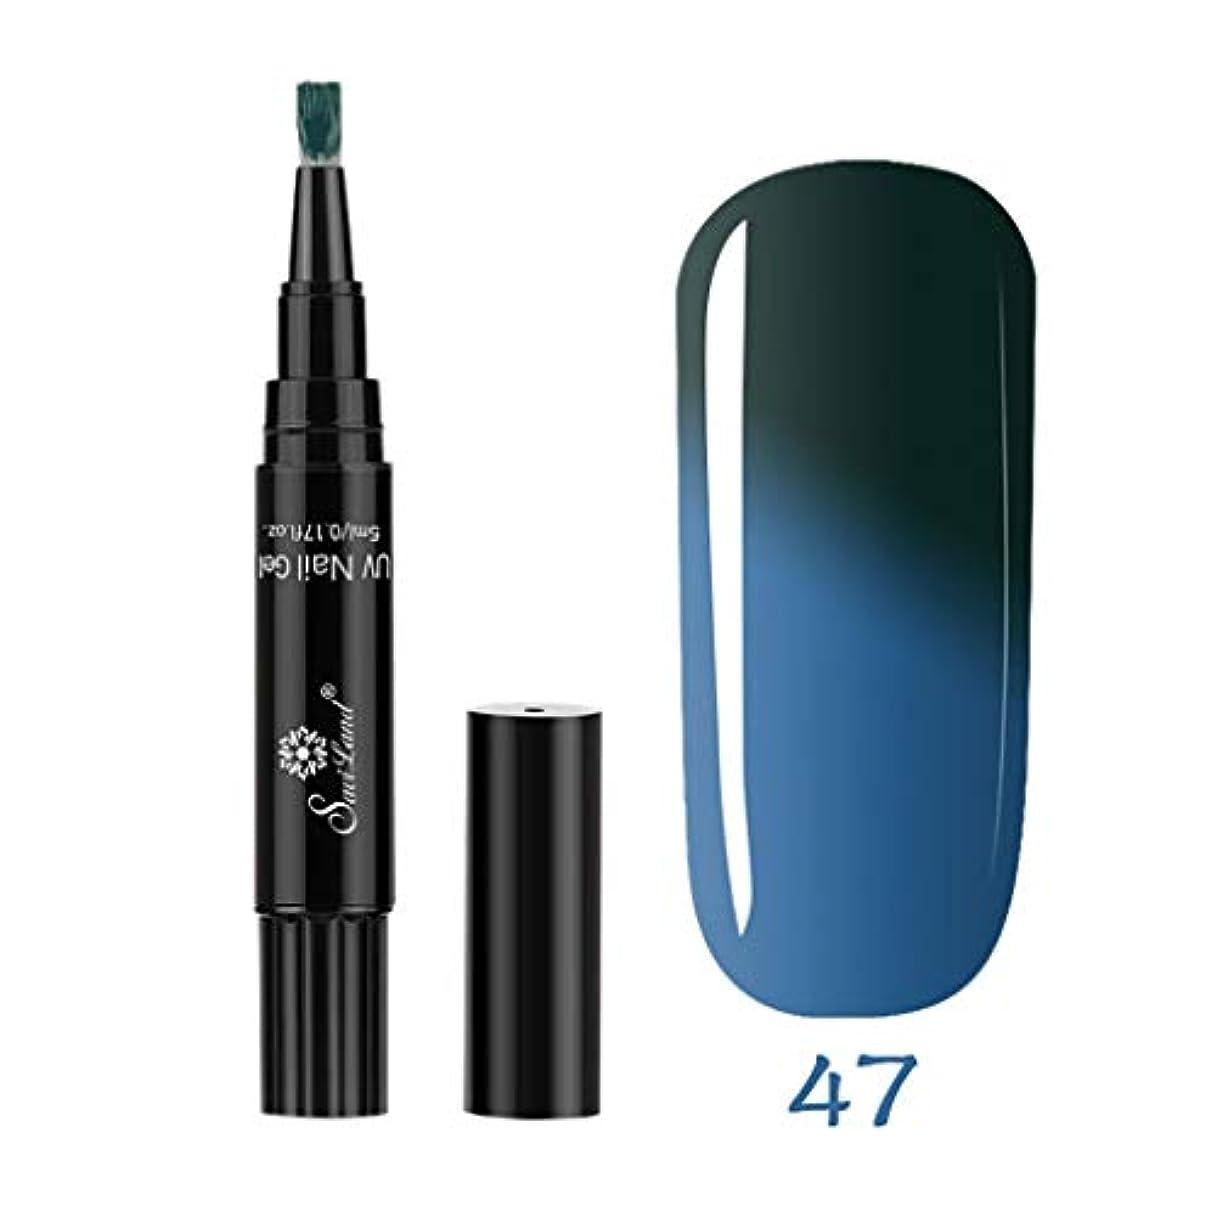 予算ブラウスラッドヤードキップリング1ステップネイルジェルペンに1 Pc 3 UV温度変更ジェルを使用するには1ステップネイル (H)